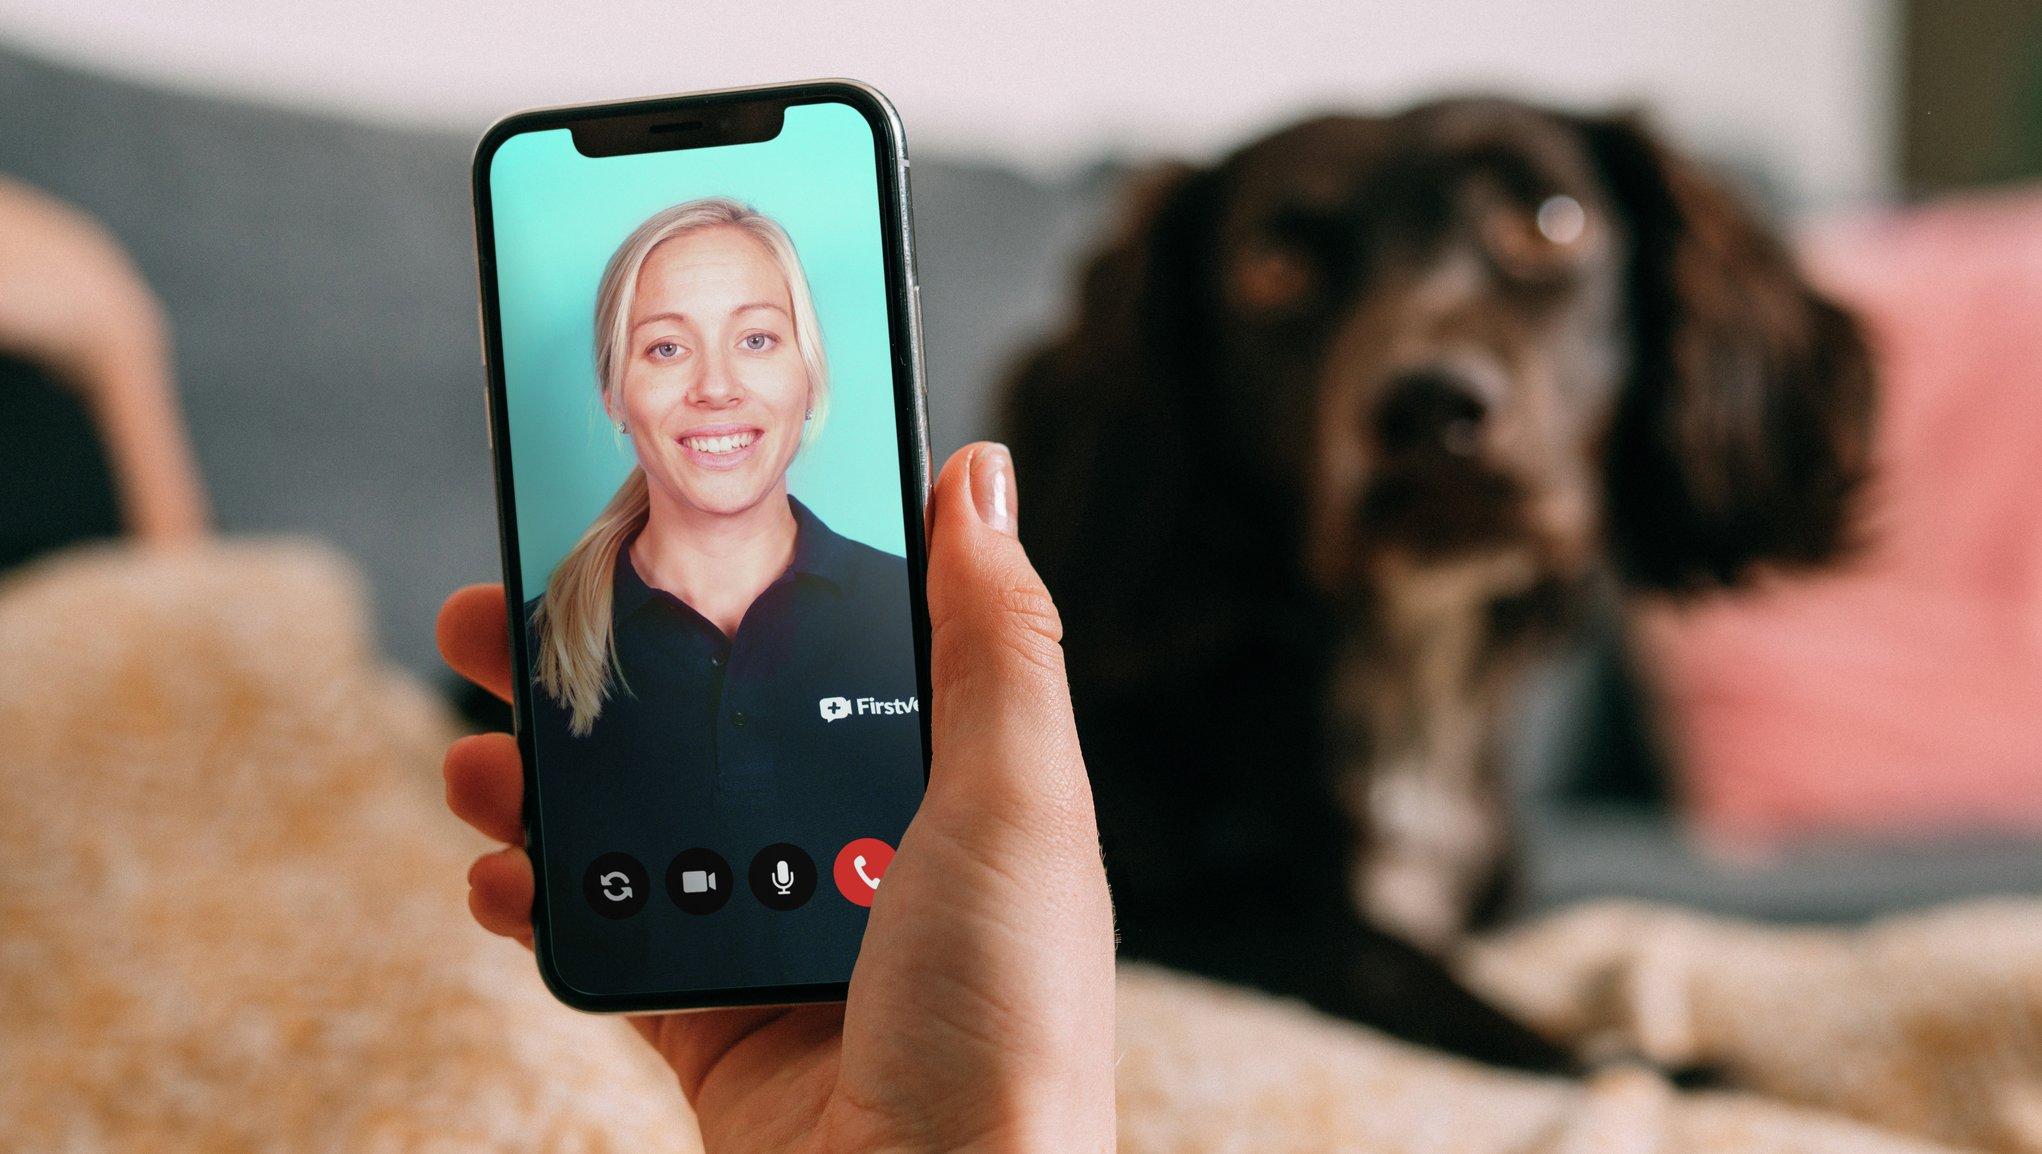 Hund får hjälp av FirstVet